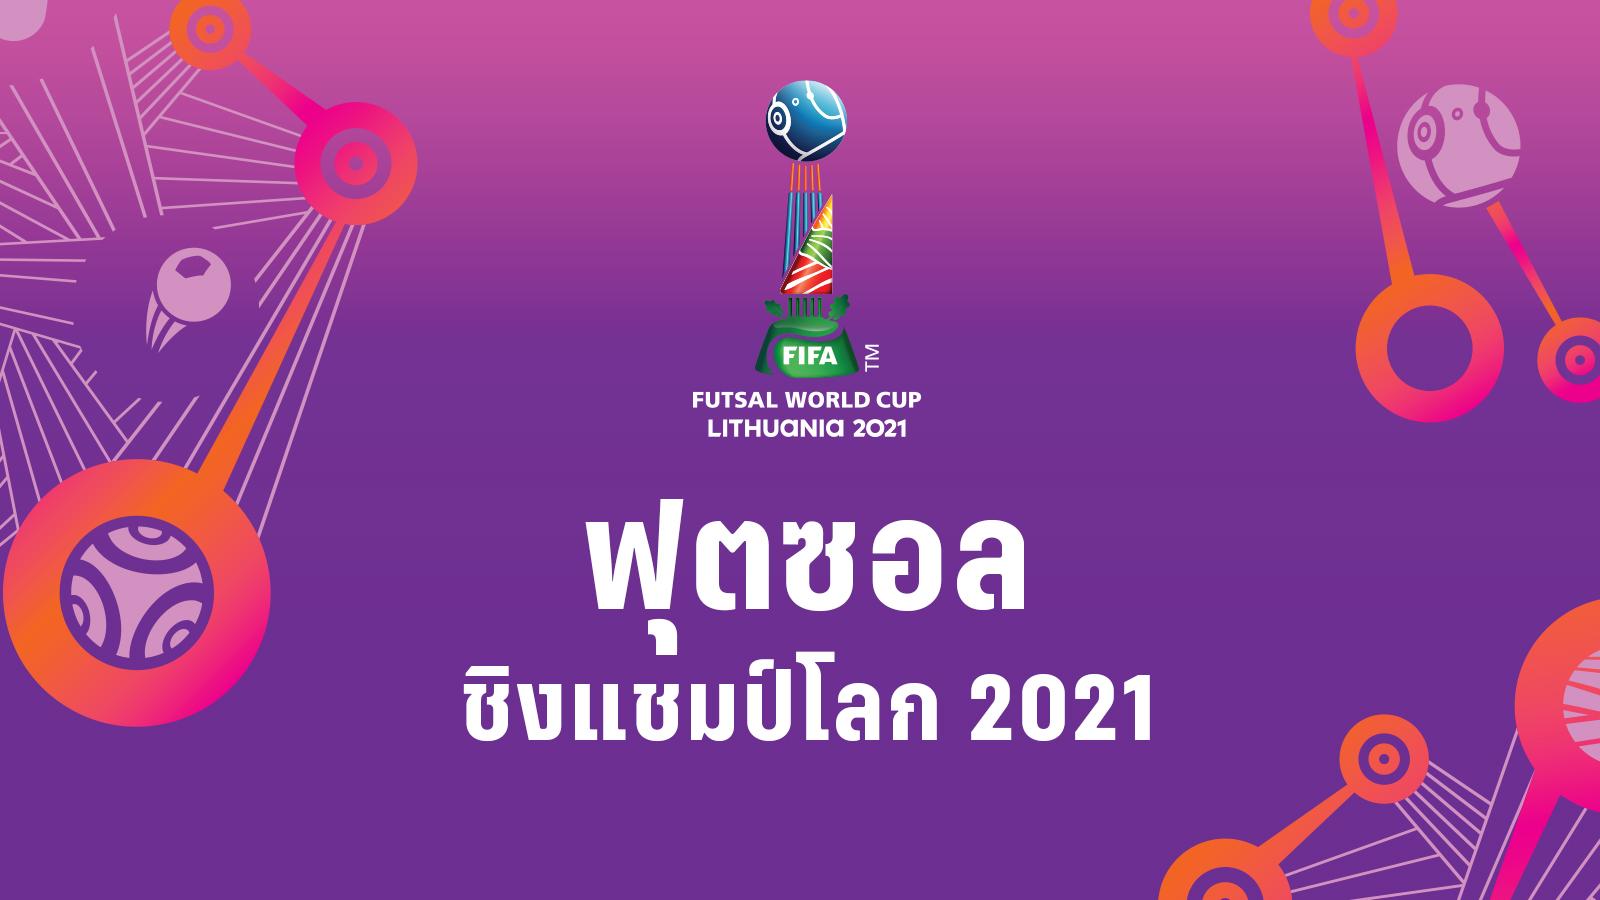 ฟุตซอลชิงแชมป์โลก 2021 | FIFA Futsal World Cup Lithuania 2021